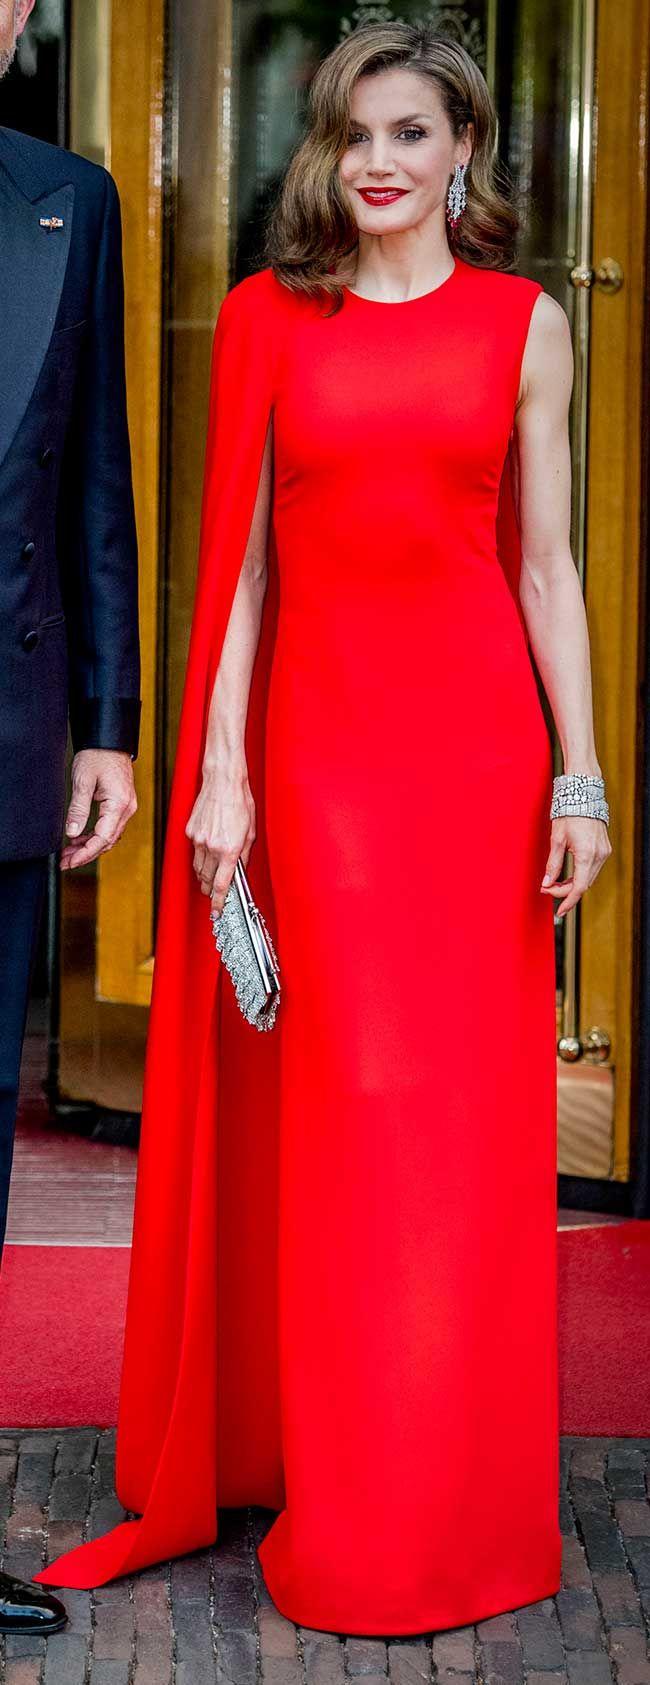 a33b96b84 La Reina Letizia ha brillado con un espectacular vestido capa rojo de Stella  McCartney en el 50 cumpleaños del rey Guillermo de Holanda.